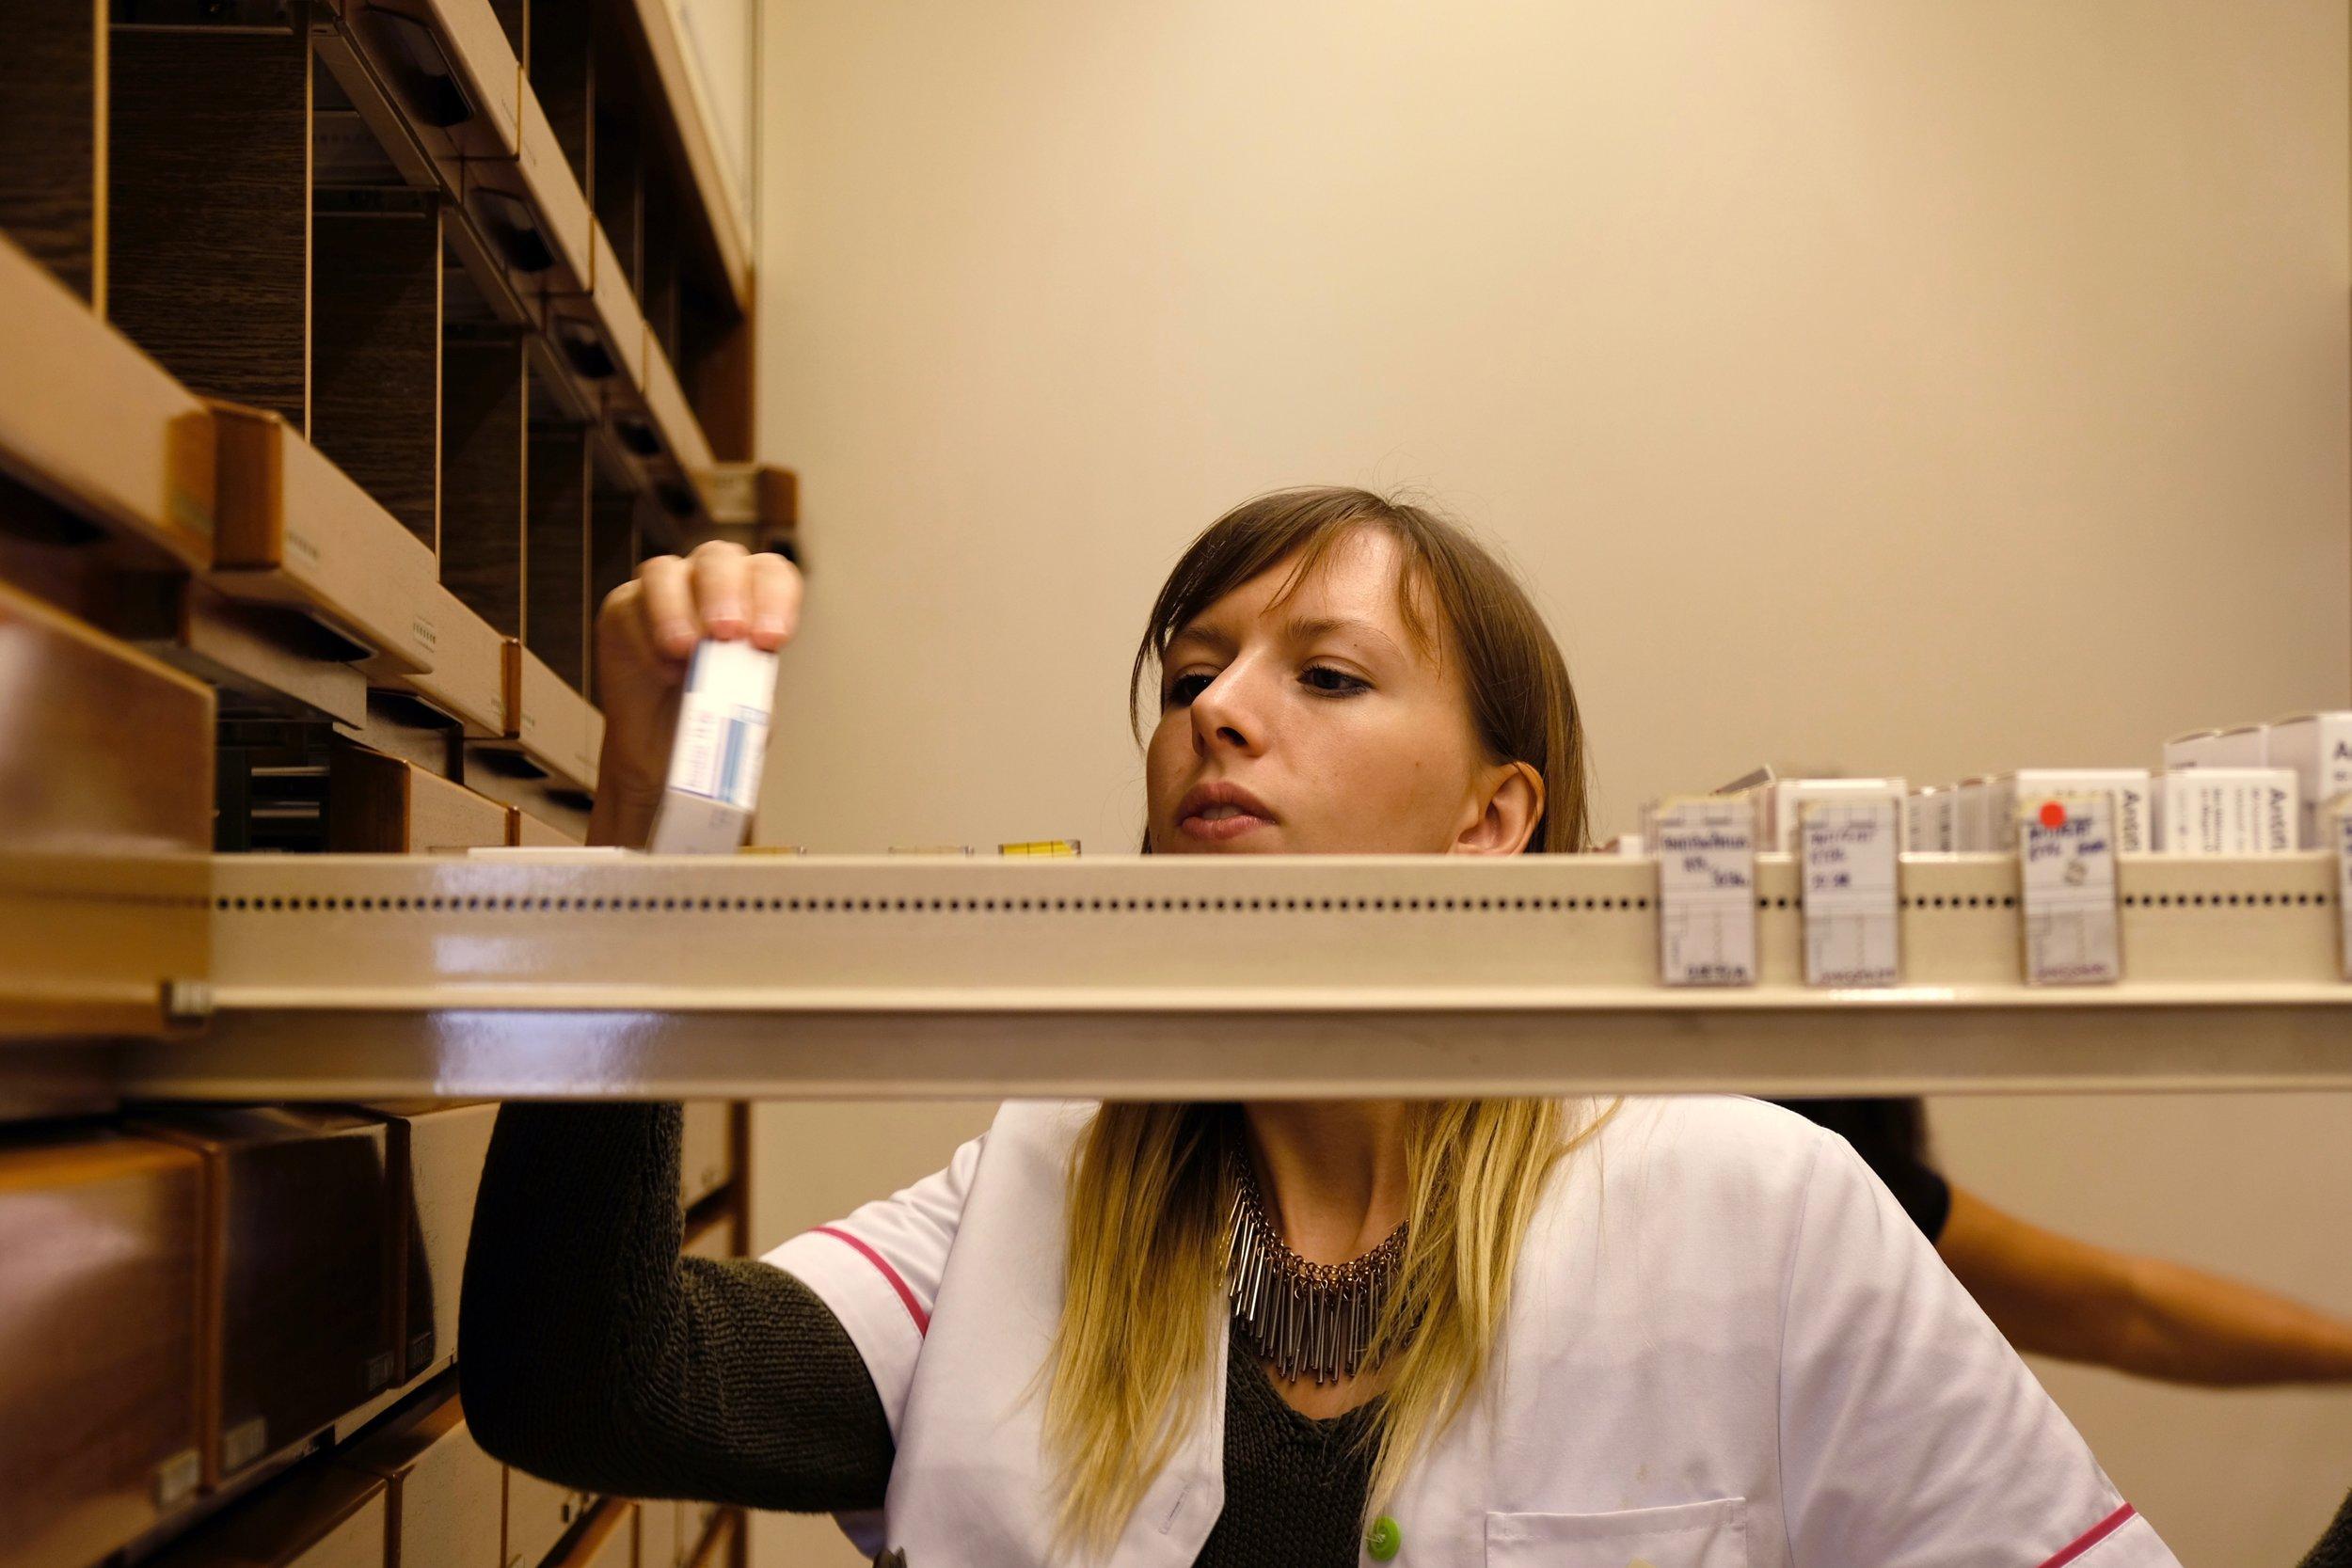 Lagerung. - Wir garantieren die richtige Lagerung und Kühlung der Medikamente, sowie deren Fälschungssicherheit!